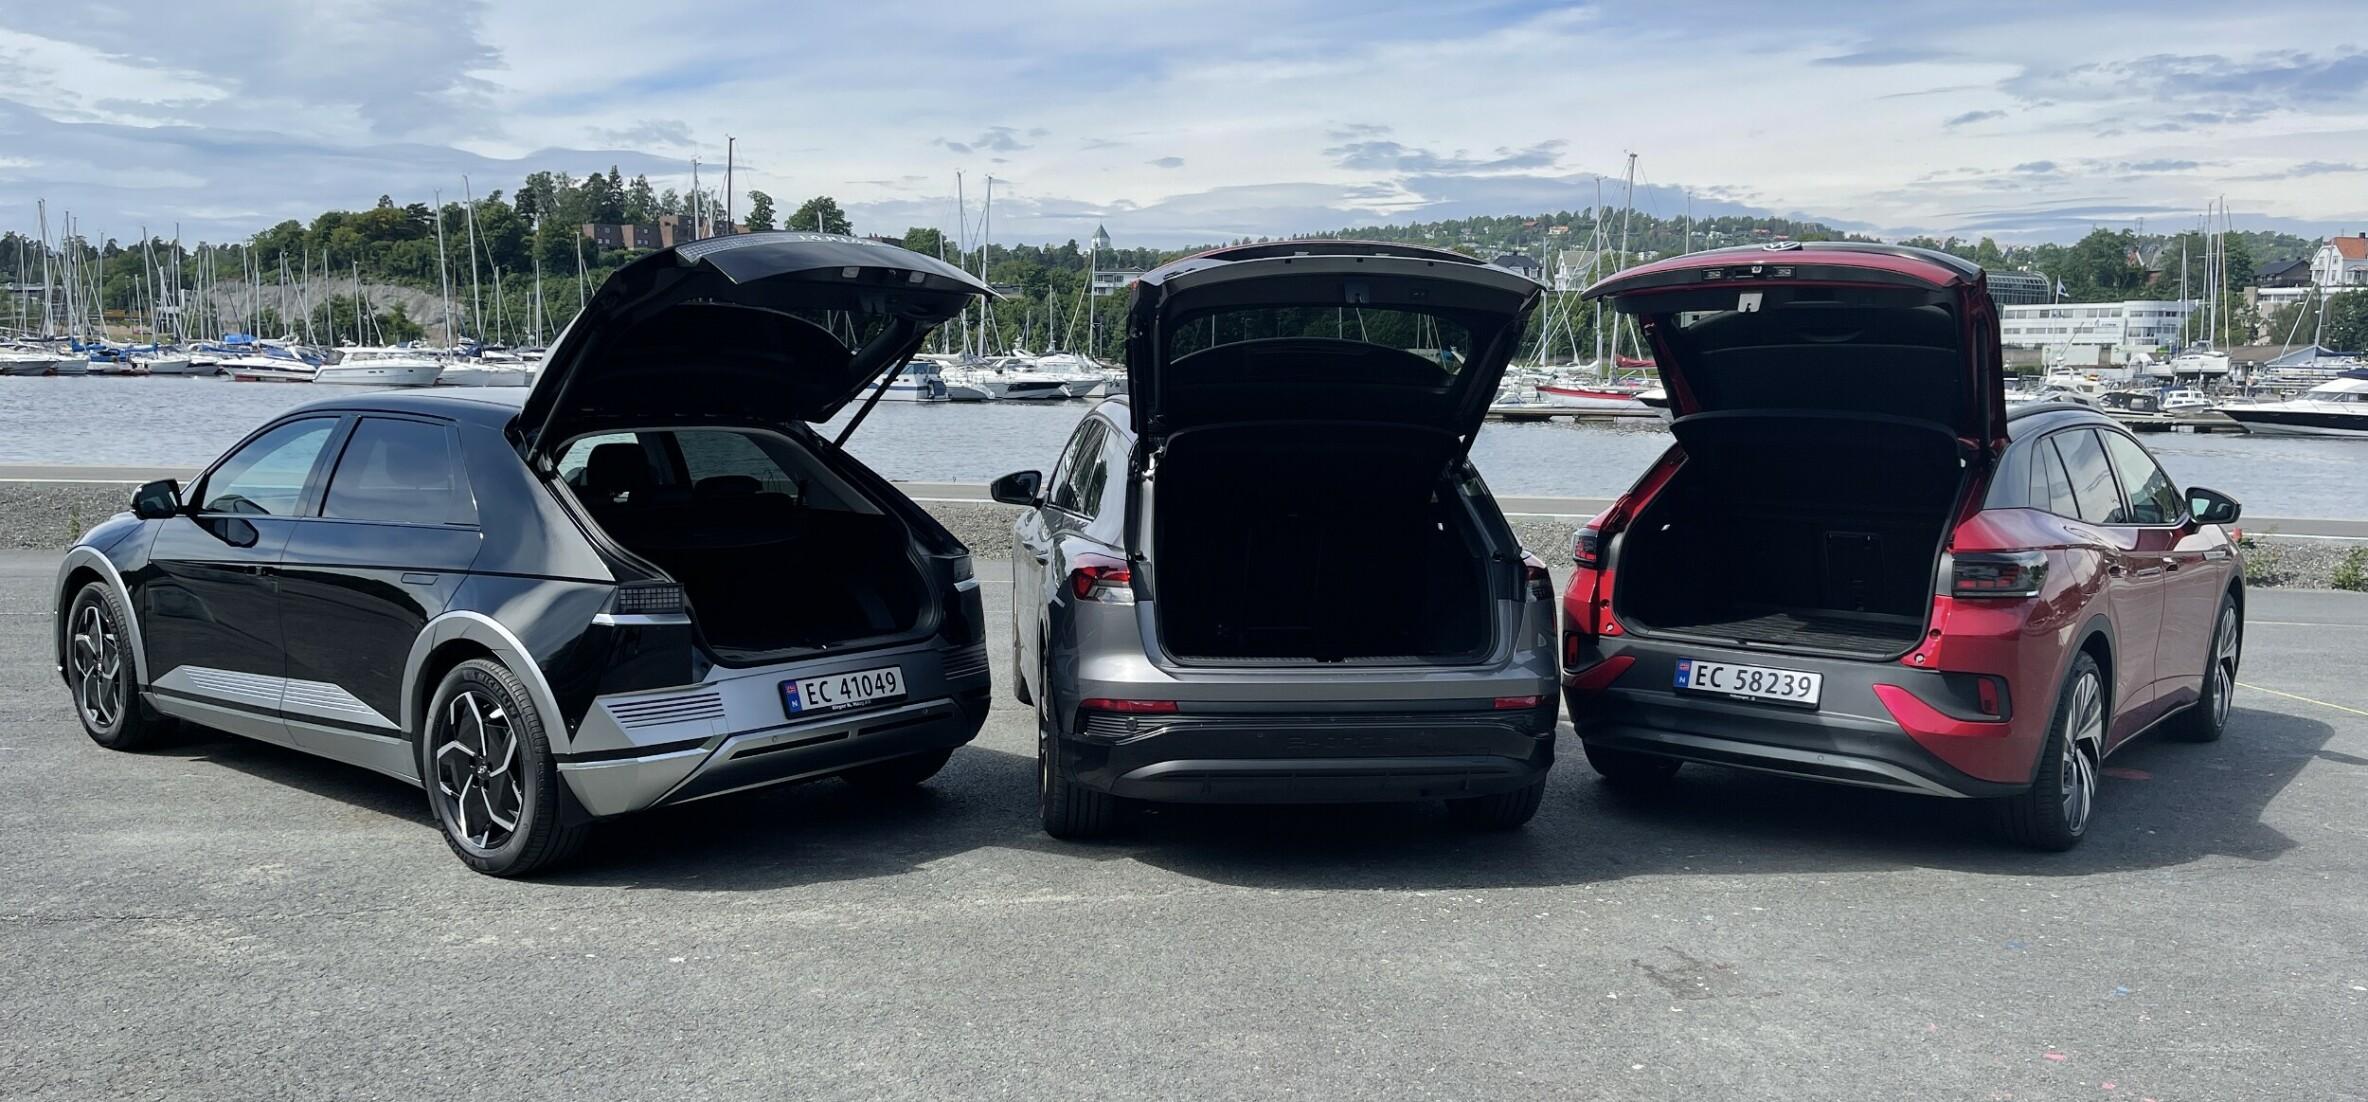 PLASS ER IKKE ALT: Selv biler med svært romslige bagasjerom og mange seter, har en grense for hvor mye vekt de er konstruert for å bære. Og den er ofte lavere på elbiler enn på konvensjonelle biler. Foto: Bjørn Eirik Loftås